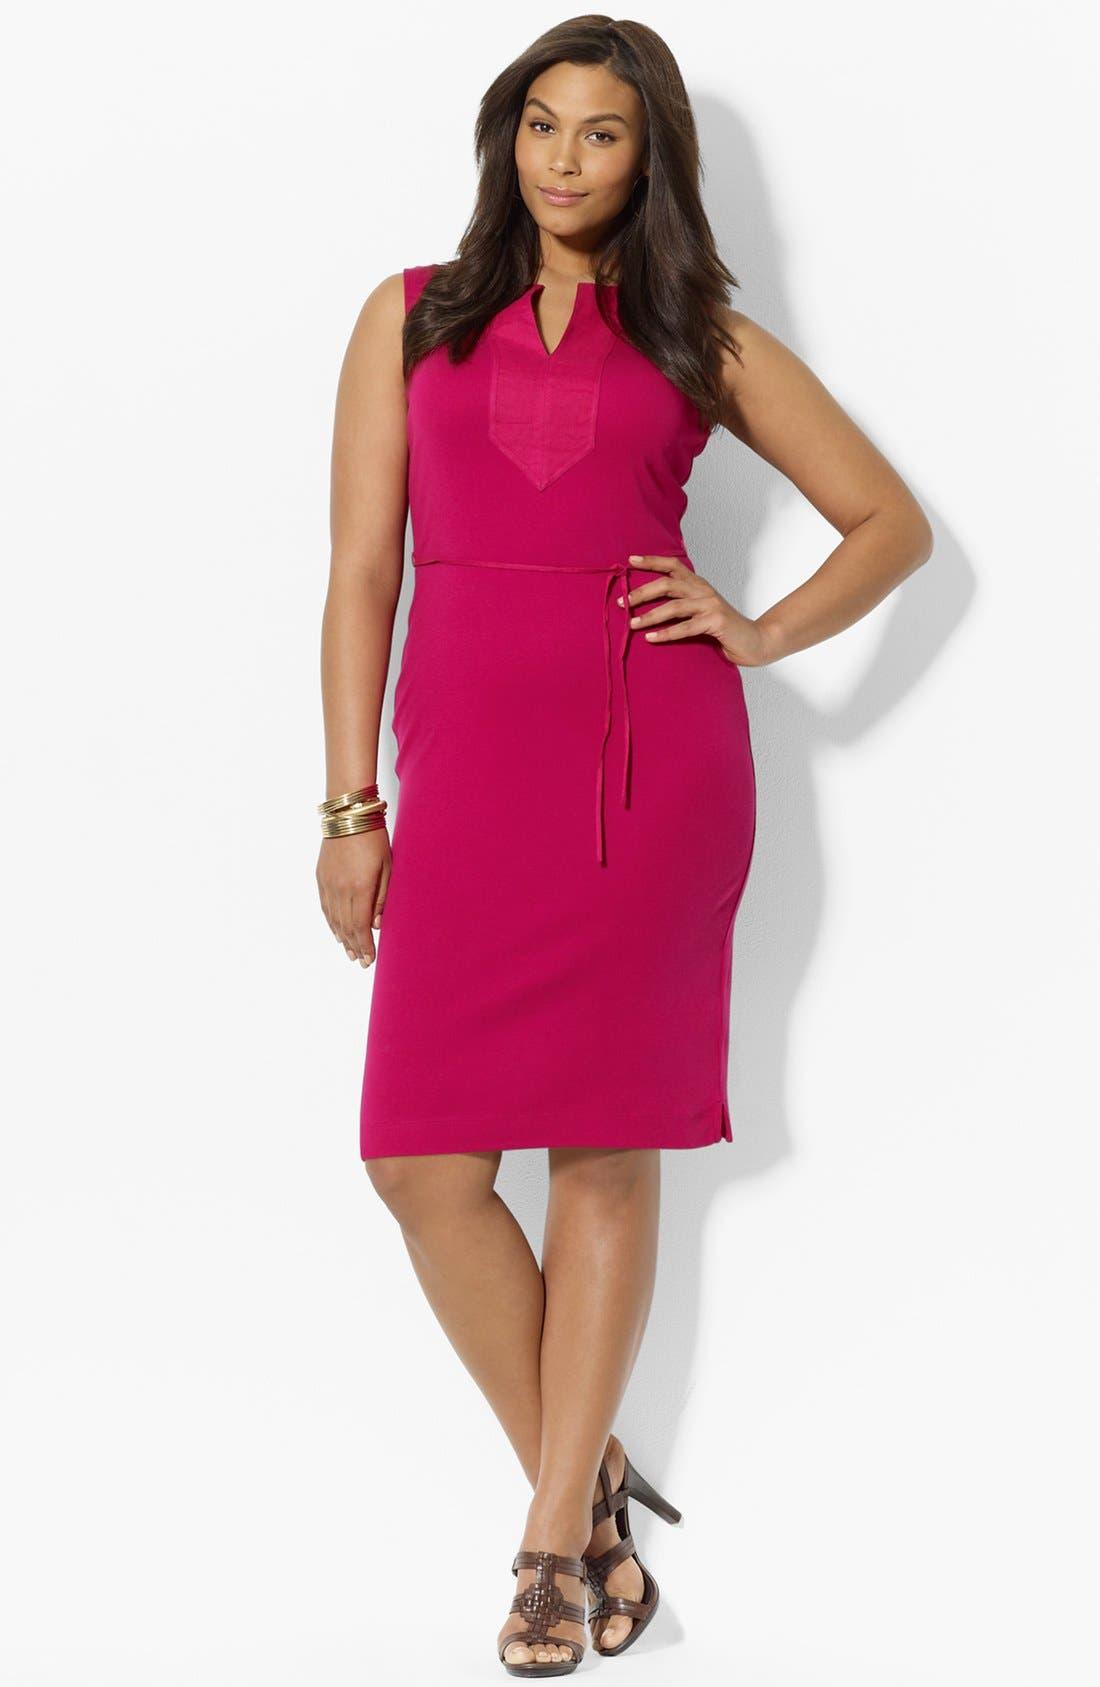 Alternate Image 1 Selected - Lauren Ralph Lauren Woven Trim Cotton Dress (Plus Size)